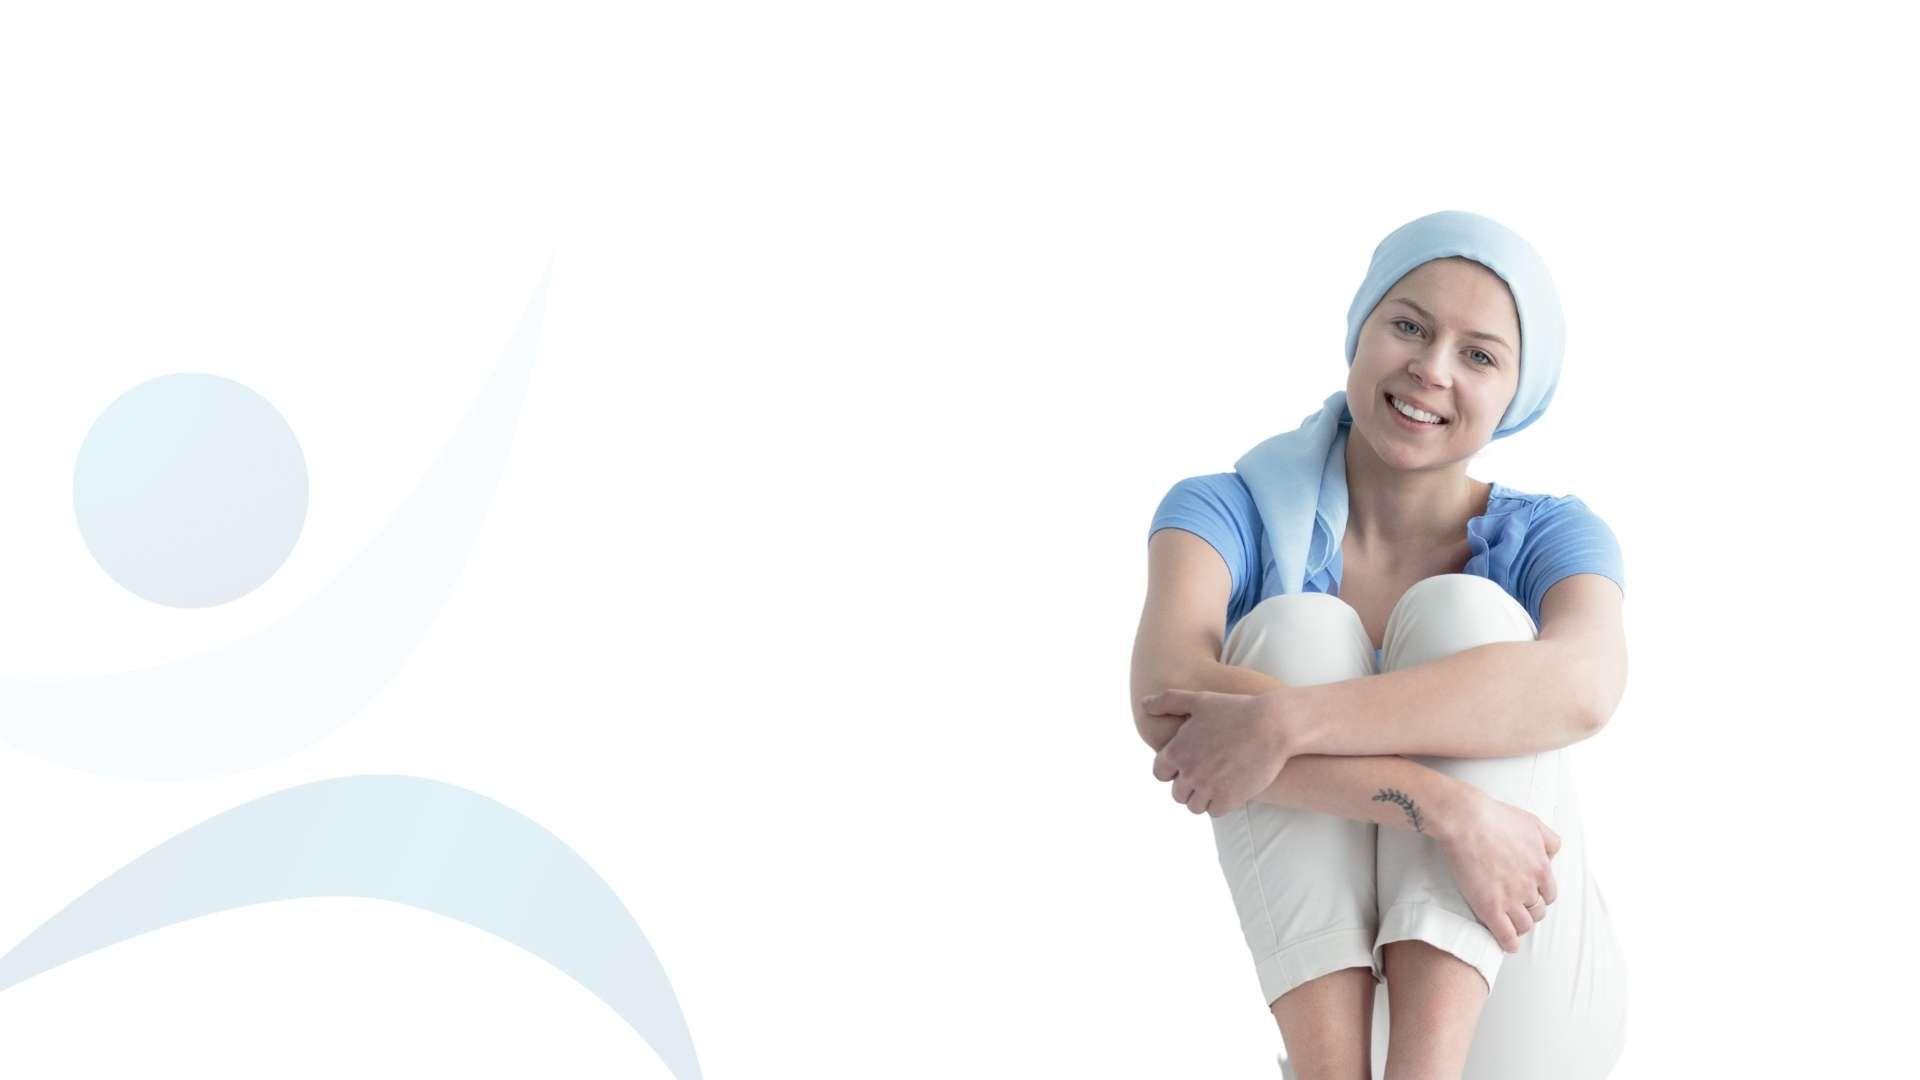 Las mejores guias de tratamiento para oncologia